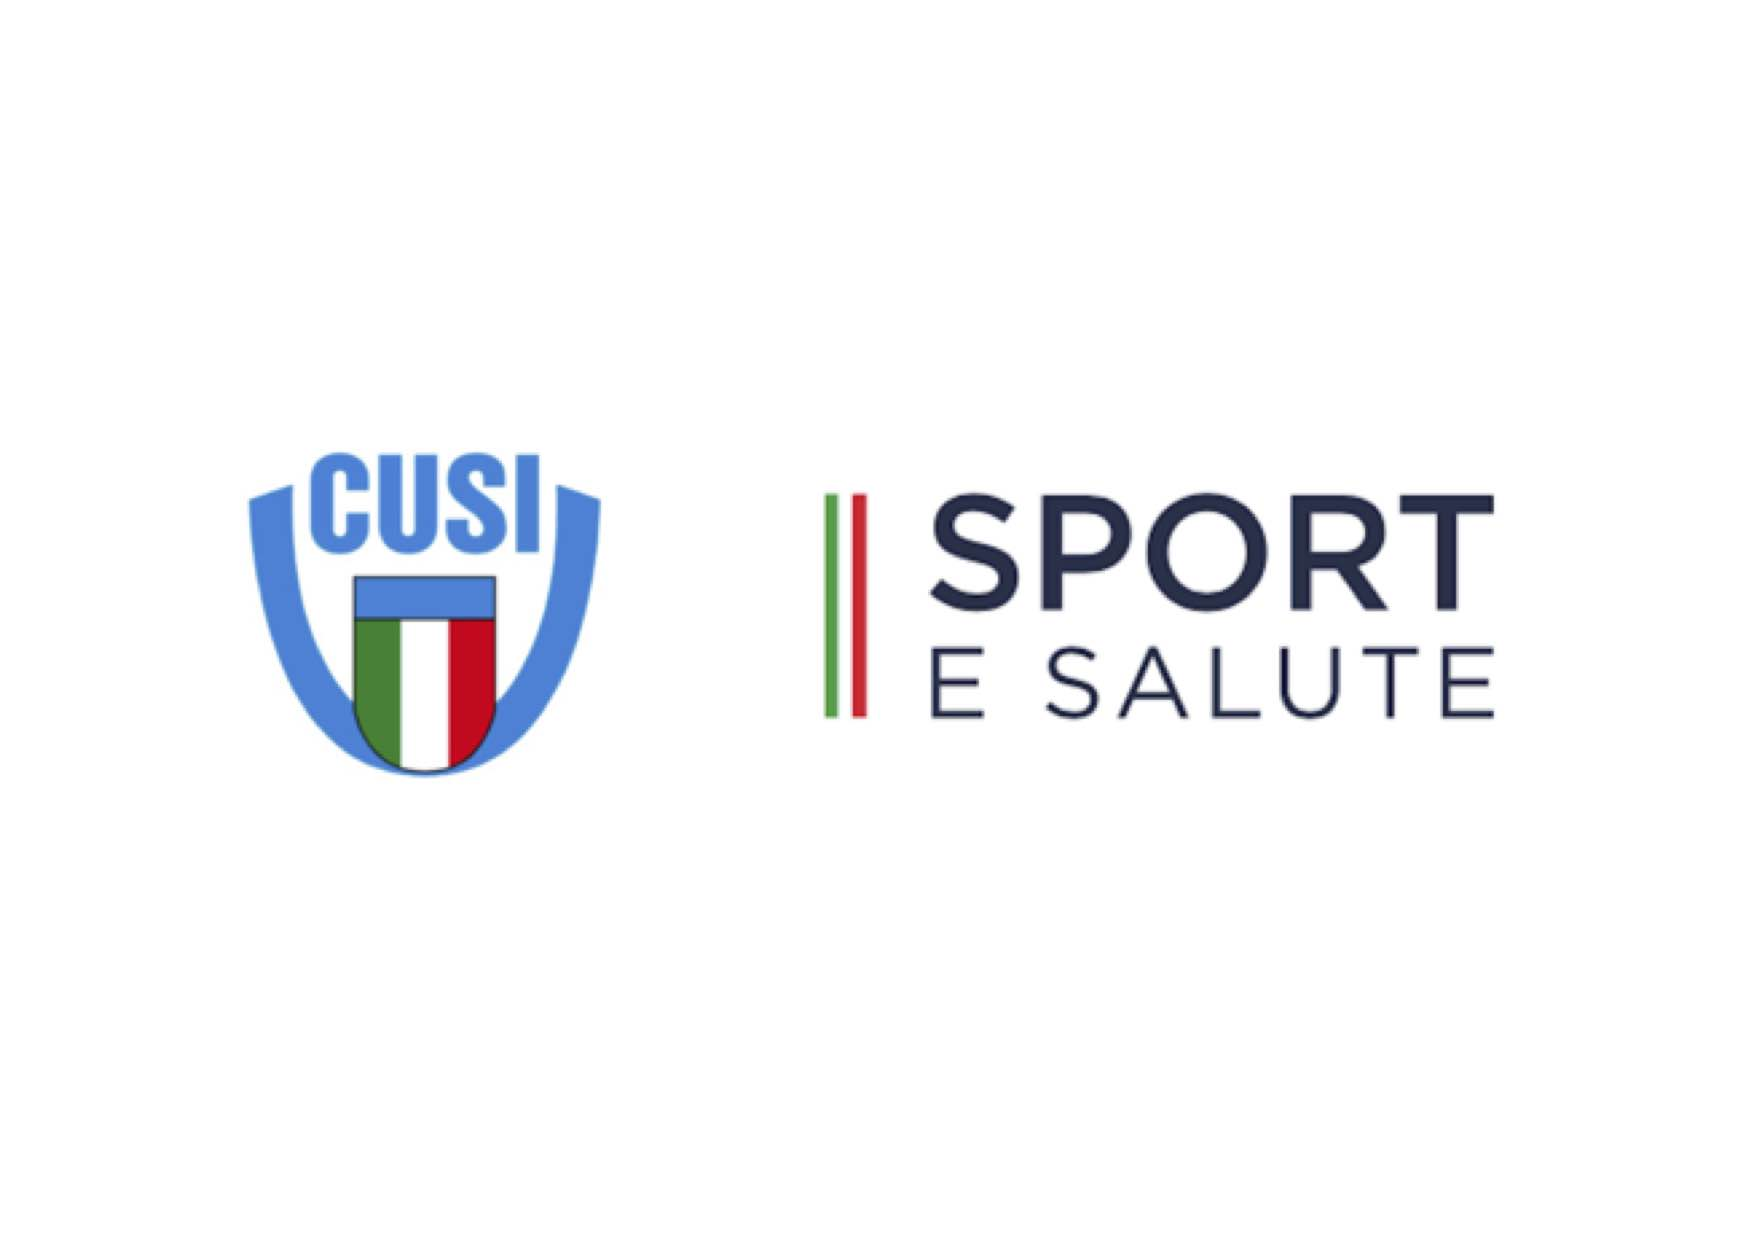 Il valore sociale dello sport tra gli studenti universitari con disabilità - Progetto di ricerca finanziato da Sport eSalute S.p.A.